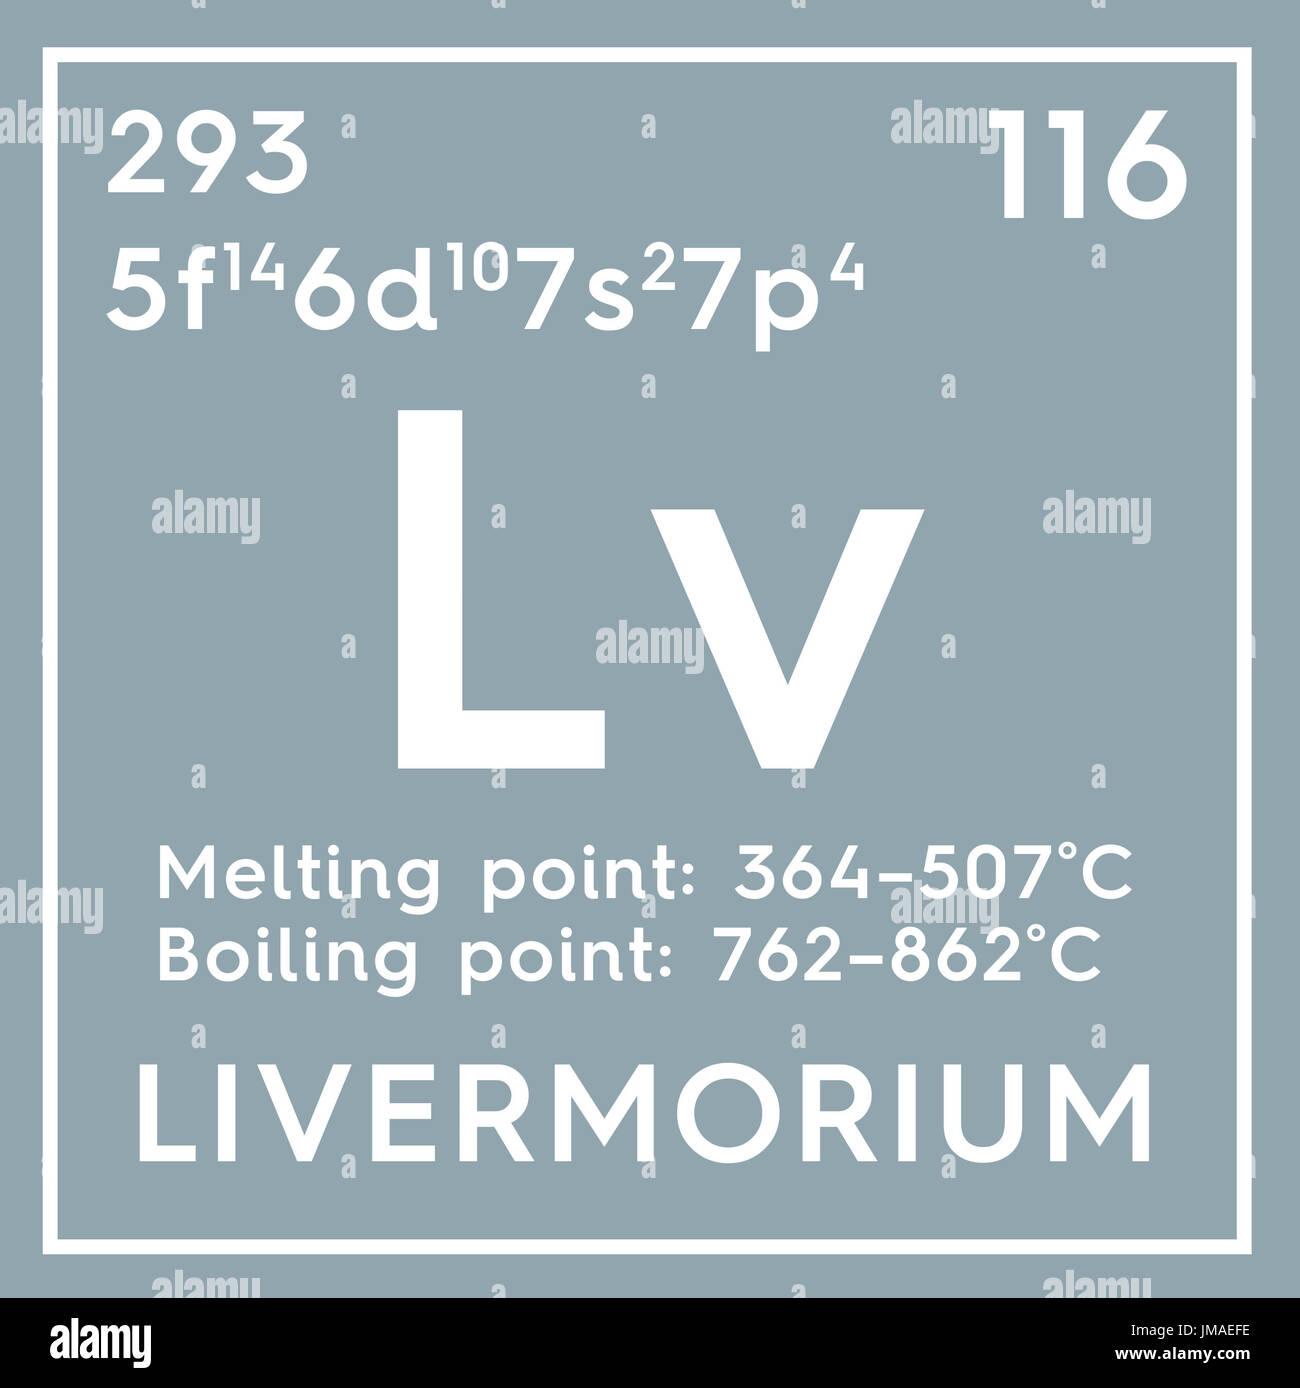 Livermorium post metales de transicin elemento qumico de la post metales de transicin elemento qumico de la tabla peridica de mendeleyev en livermorium square cube concepto creativo urtaz Images